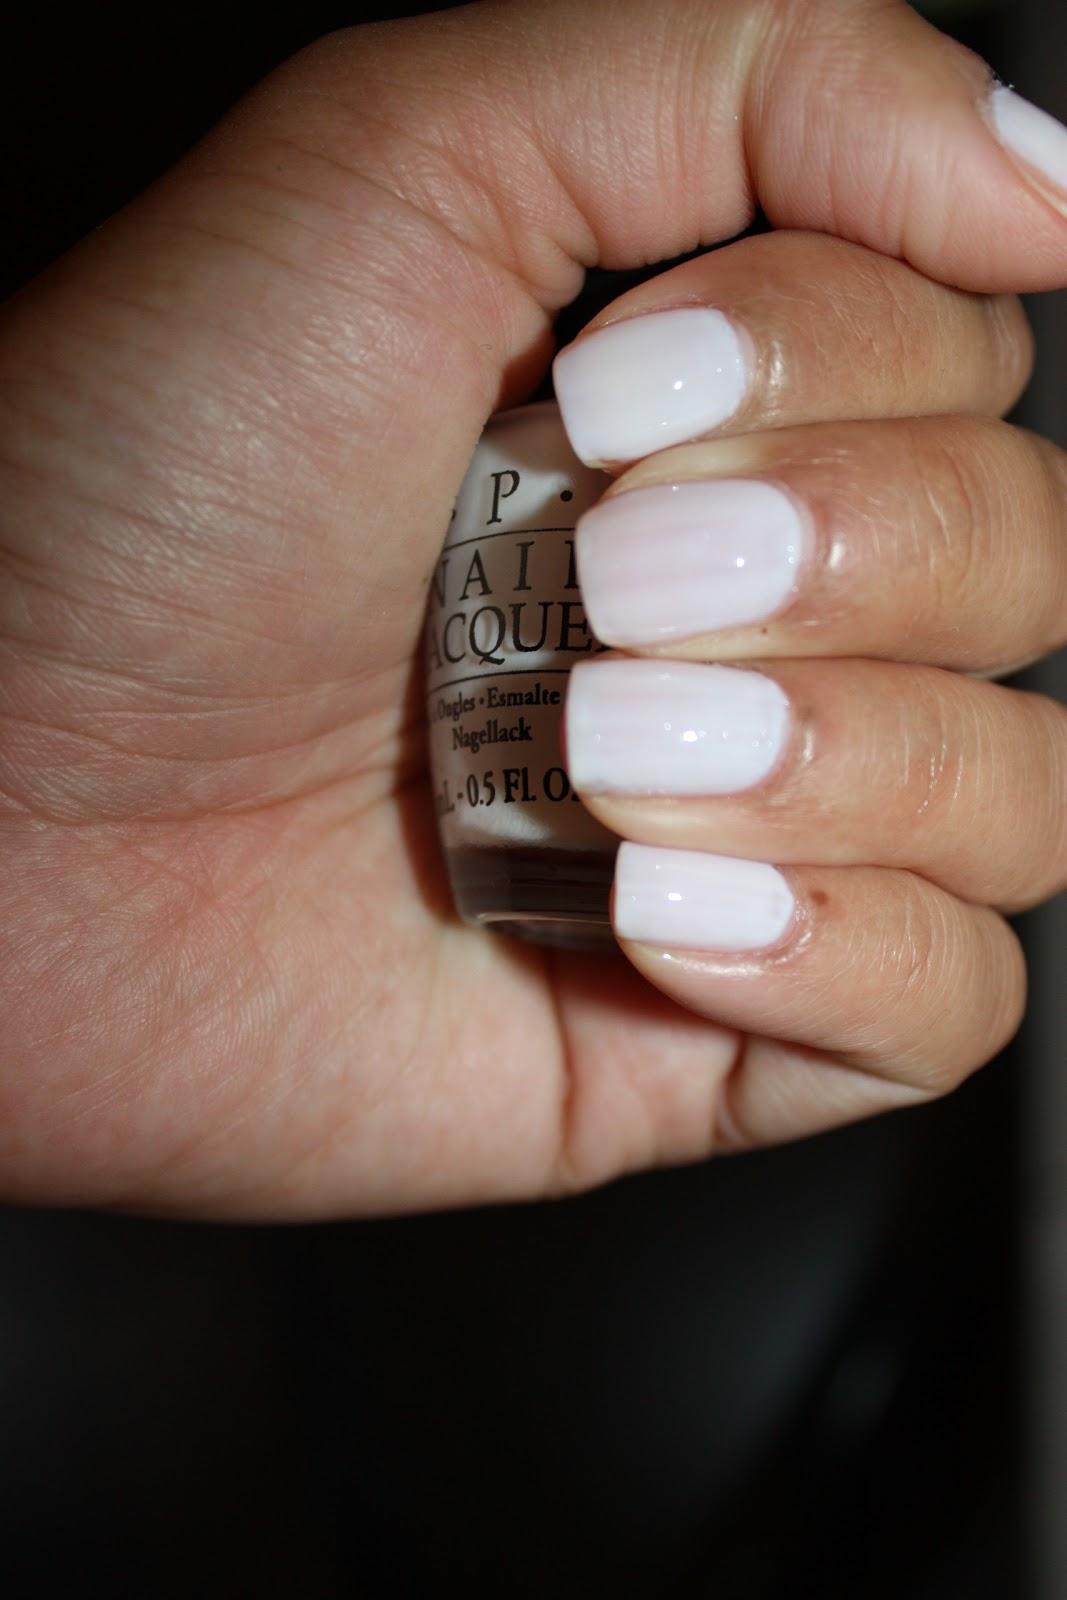 DeCoto Makeup: Funny Bunny Nail Polish - Perfect White nailpolish